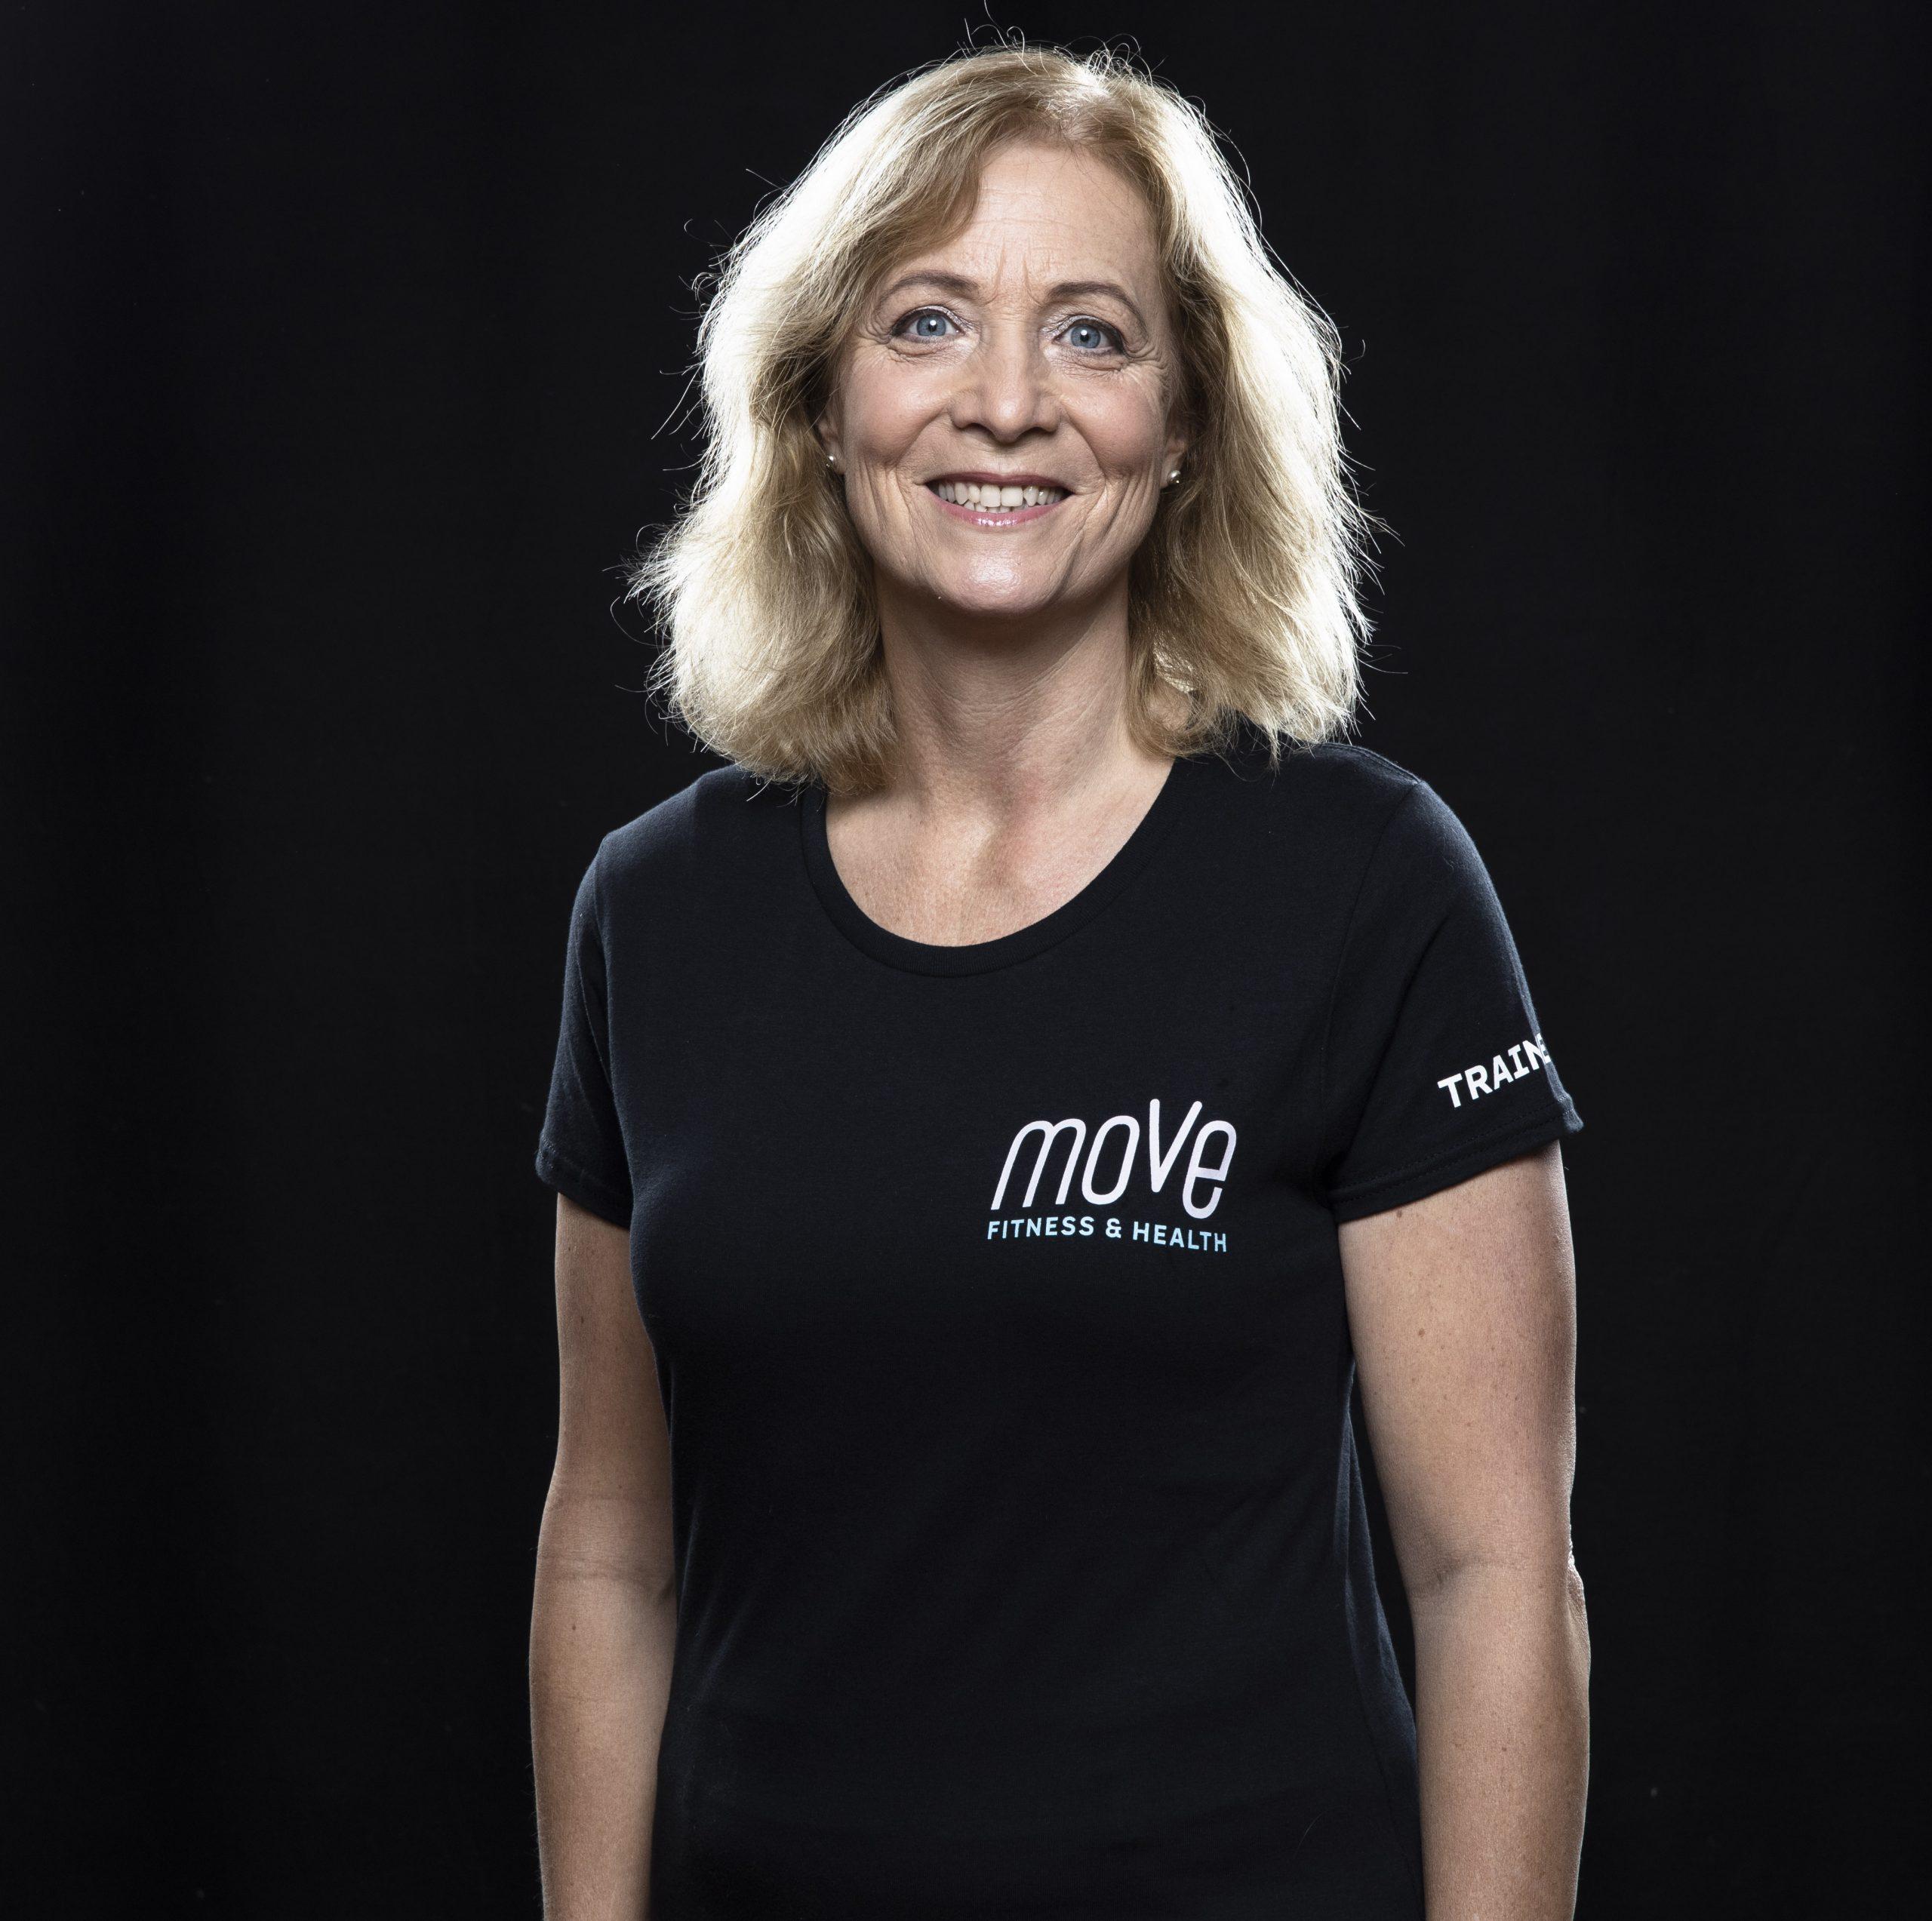 Imagebild für Fitnessstudio Move in Bedburg